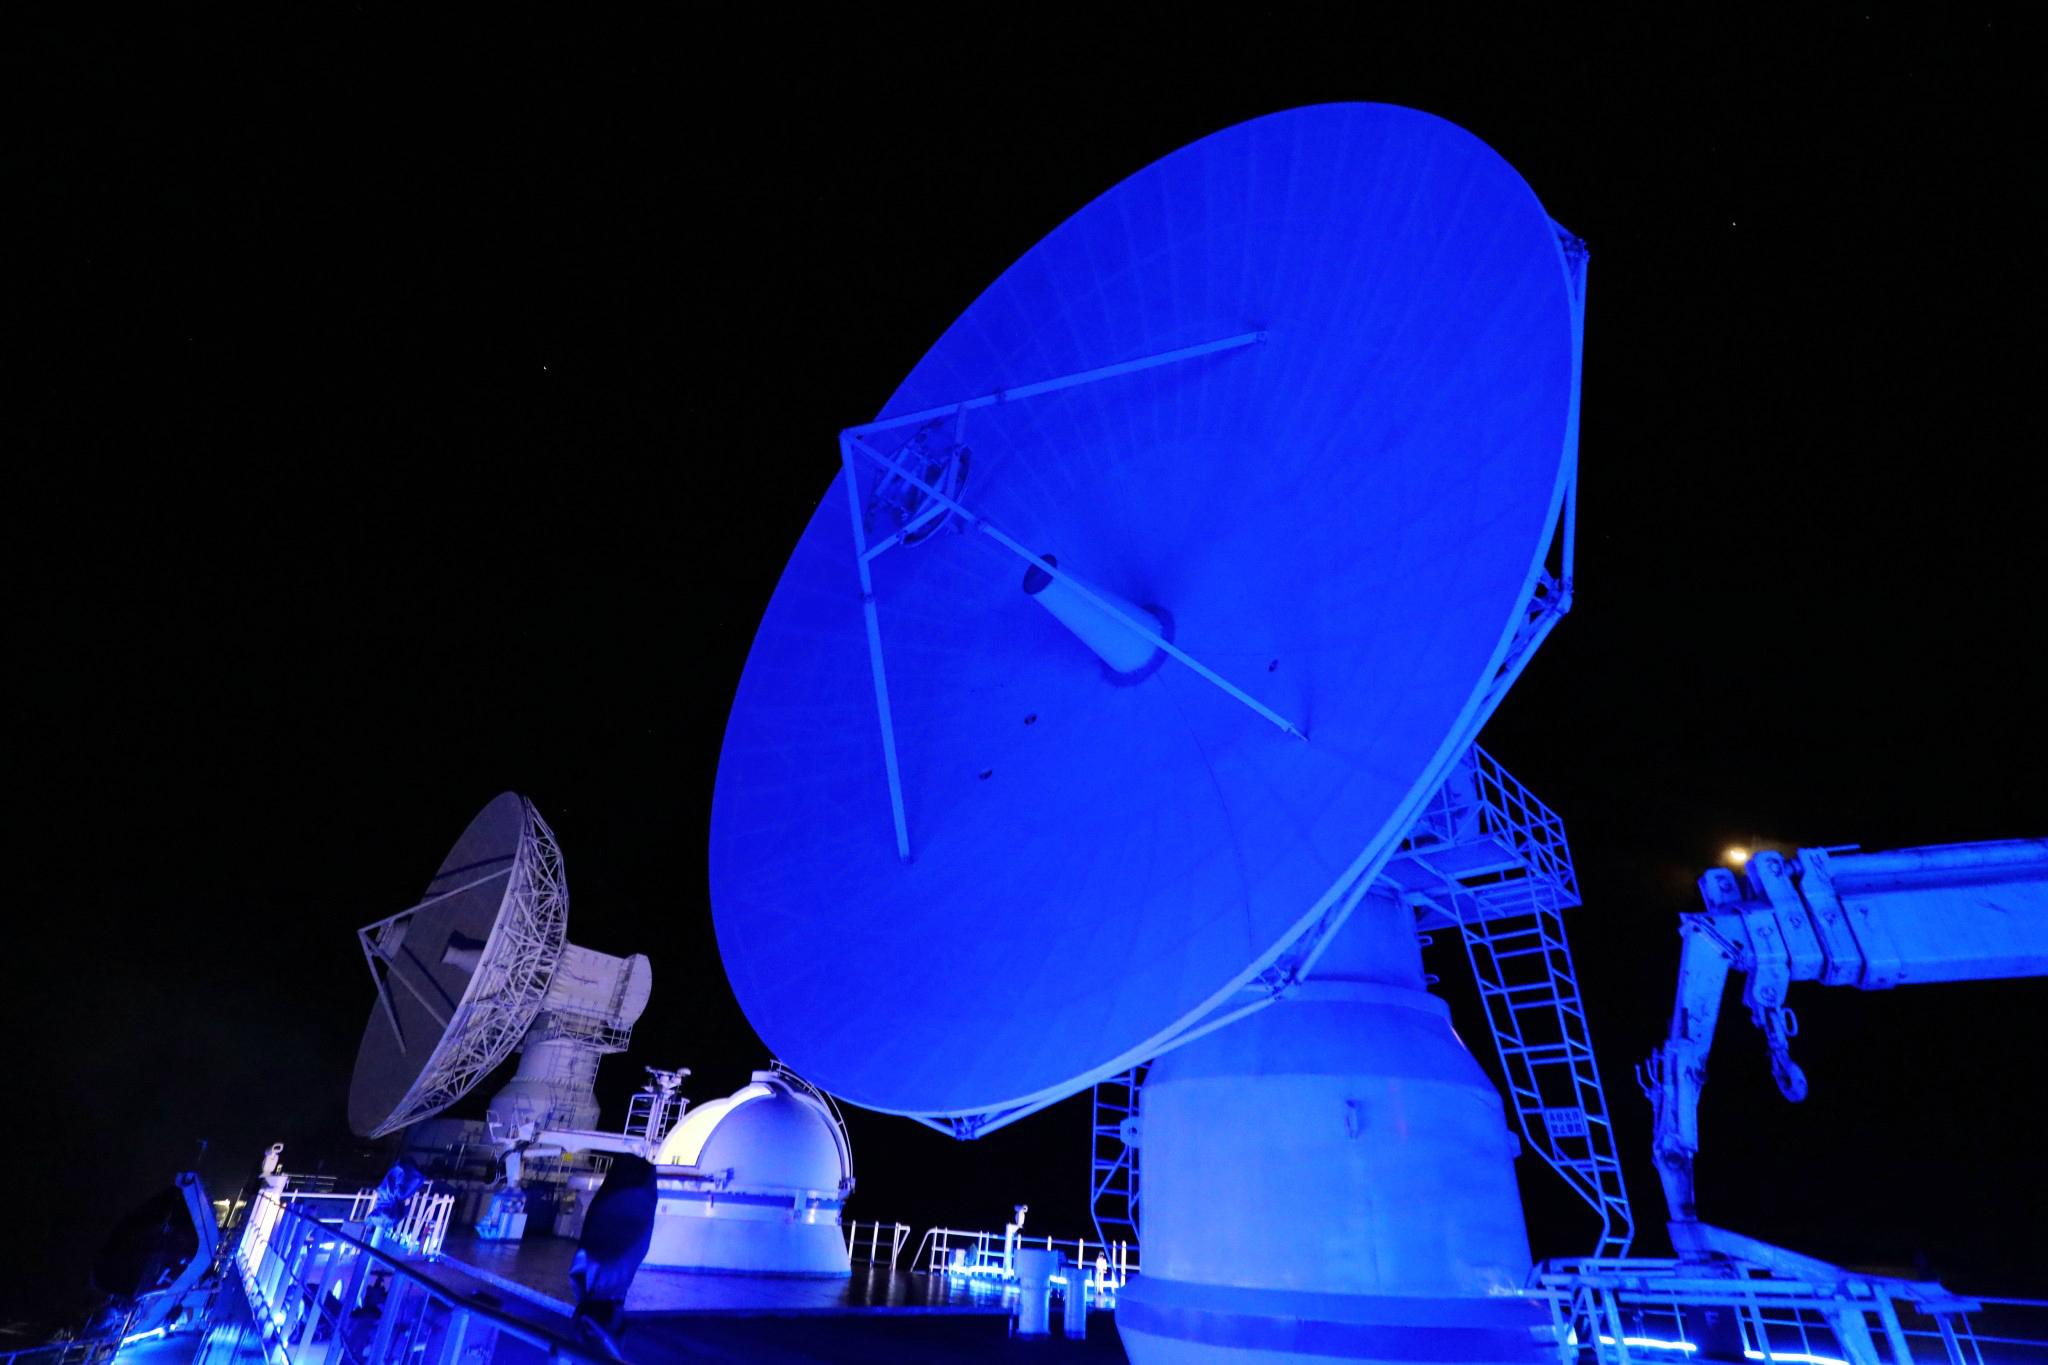 深夜,远望3号船测控天线提前就位,静待长五,王雪岩摄.jpg